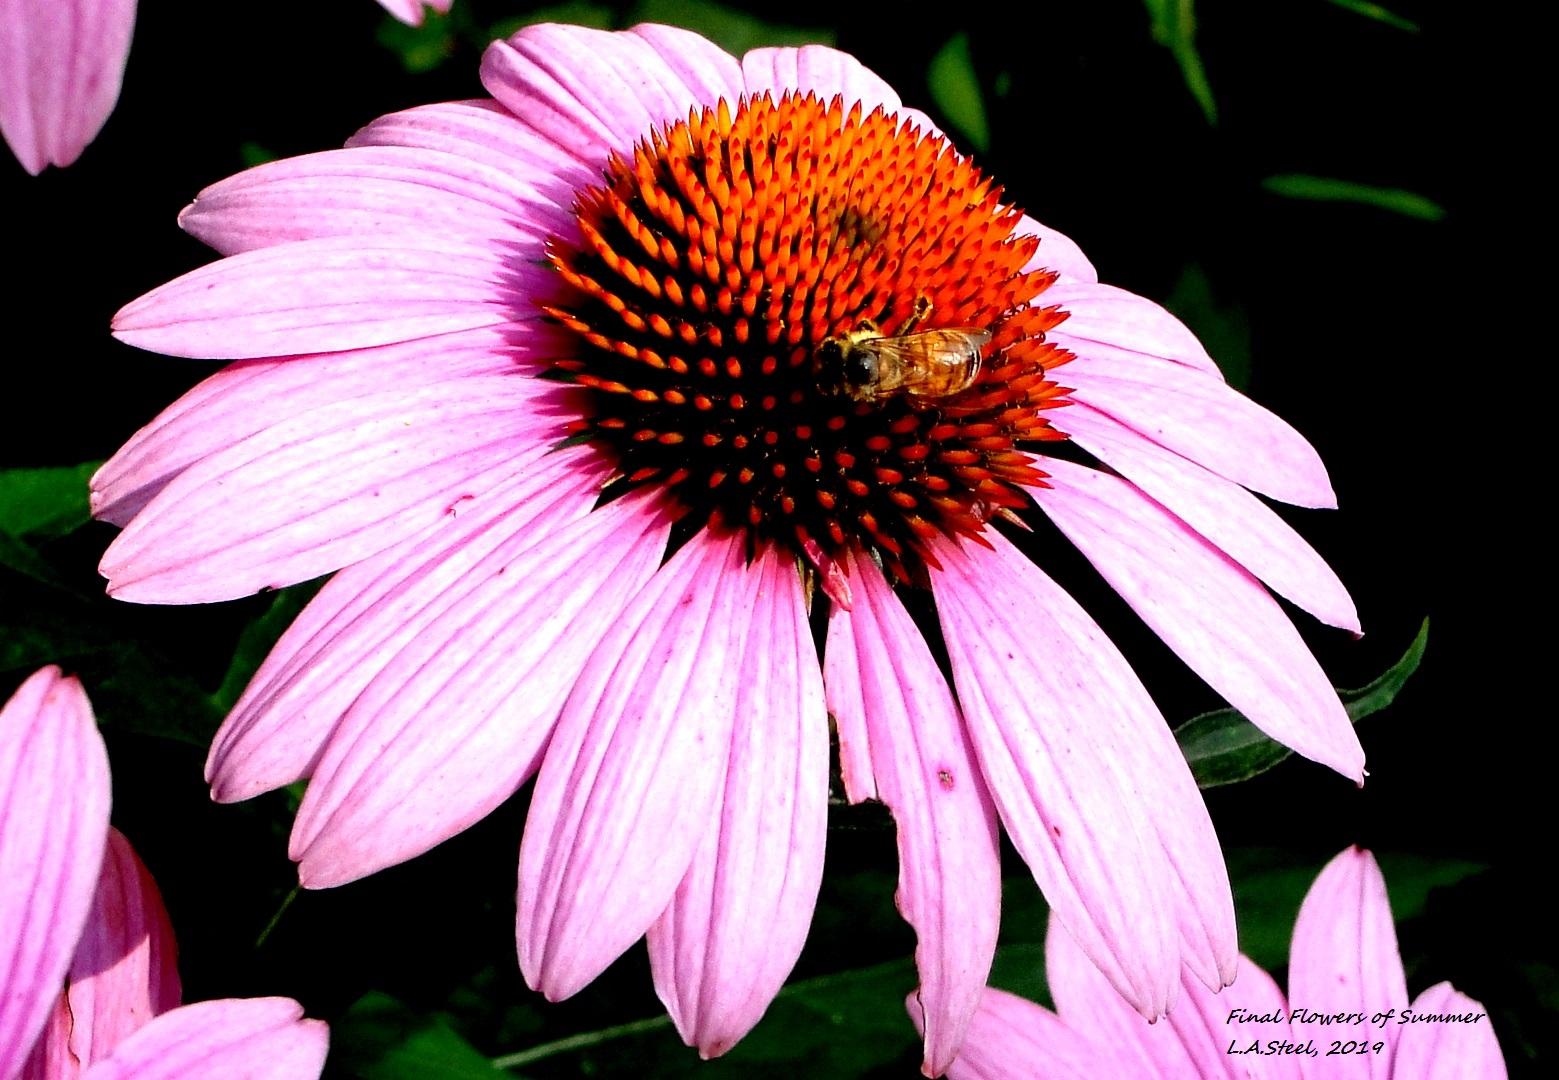 final flowers of summer 2019.jpg 2